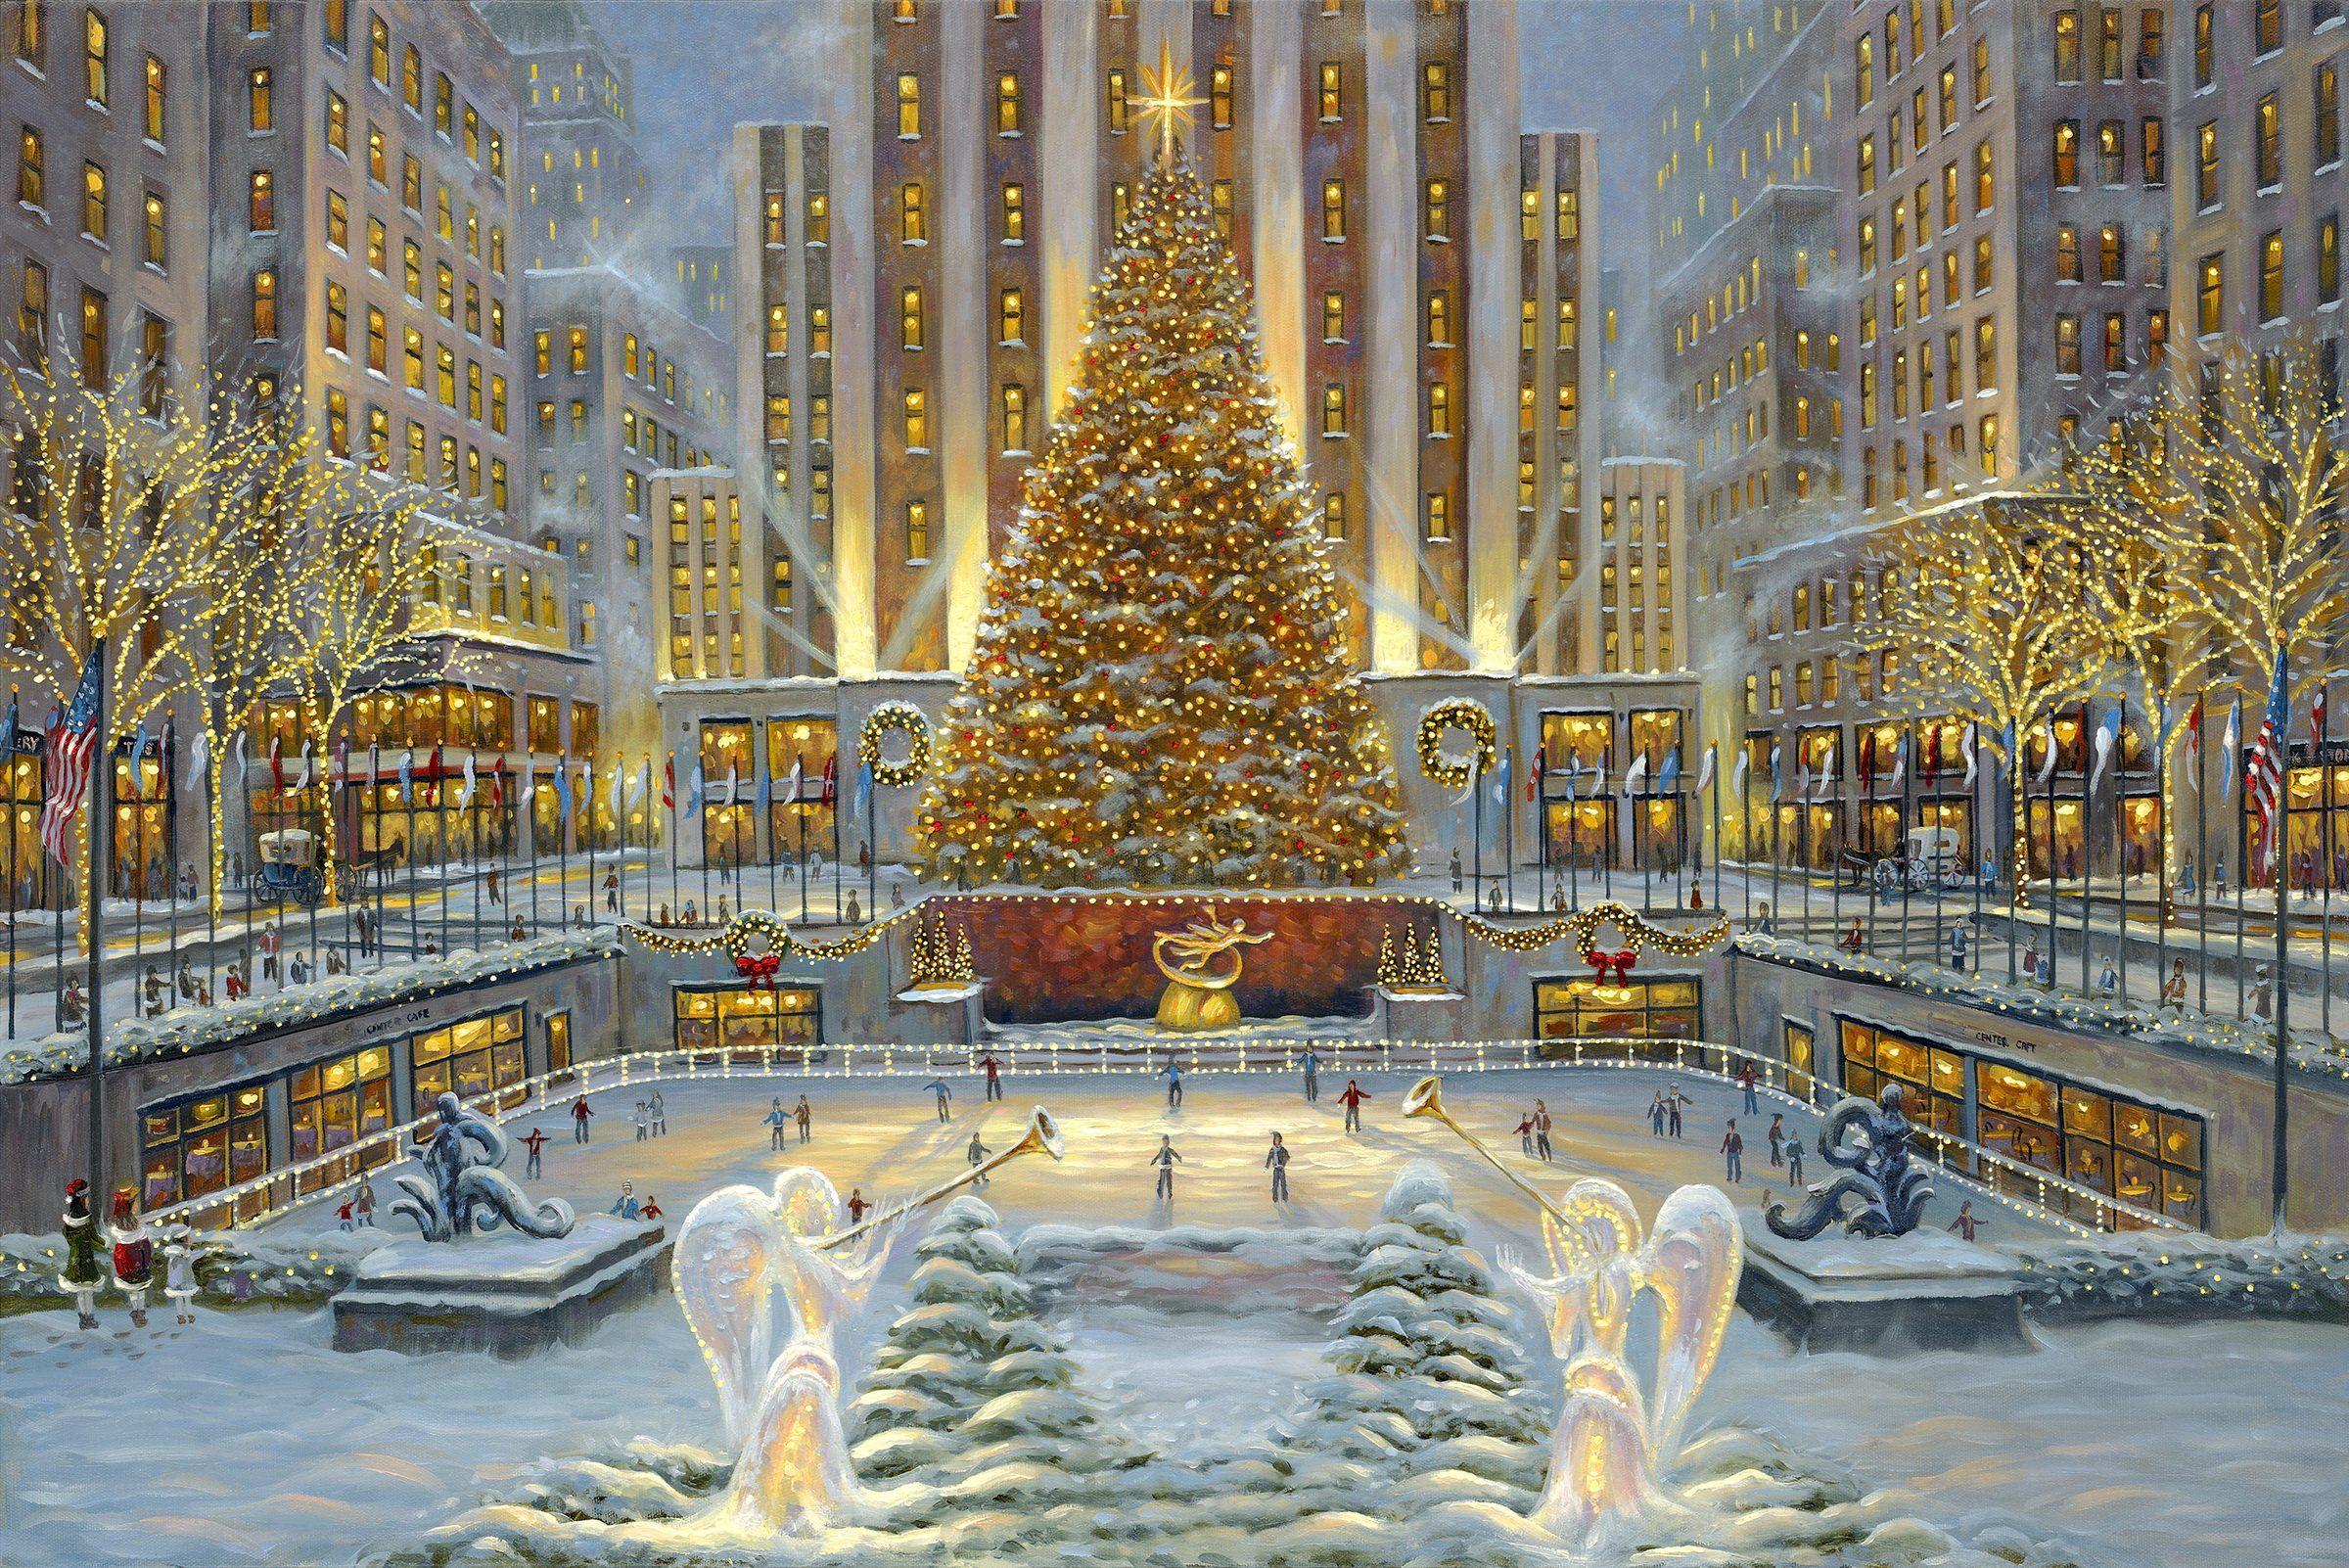 Natale a New York: come festeggiare nella Grande Mela